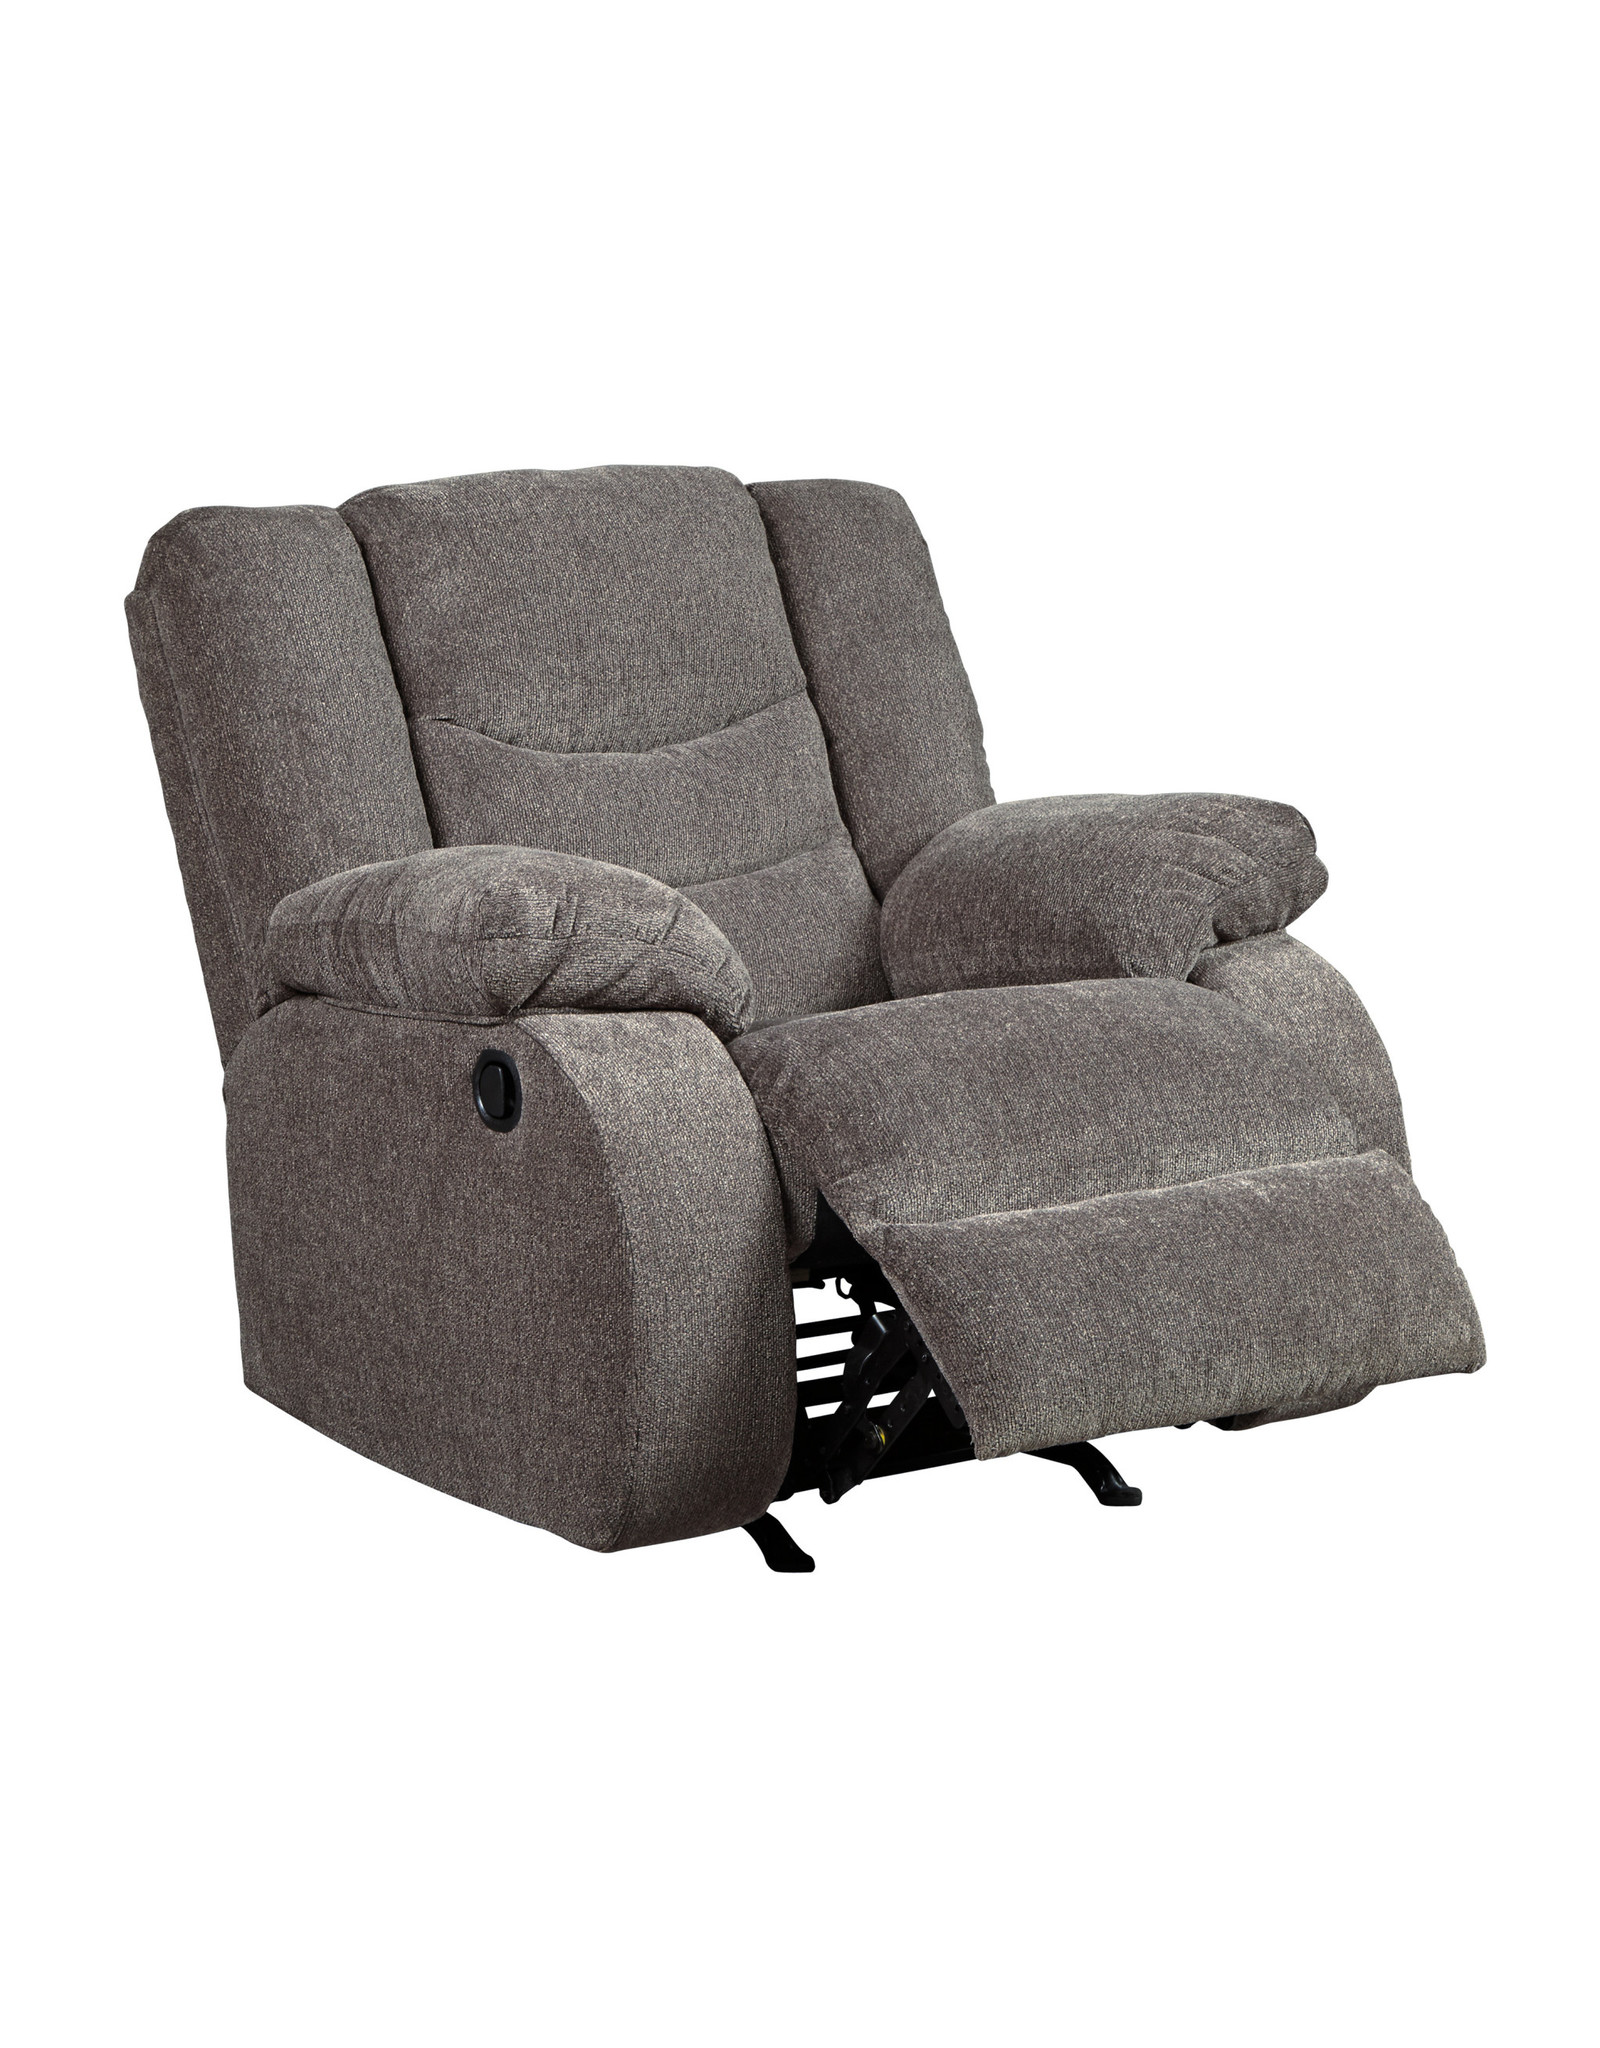 Tulen 9860625 Tulen Recliner Grey